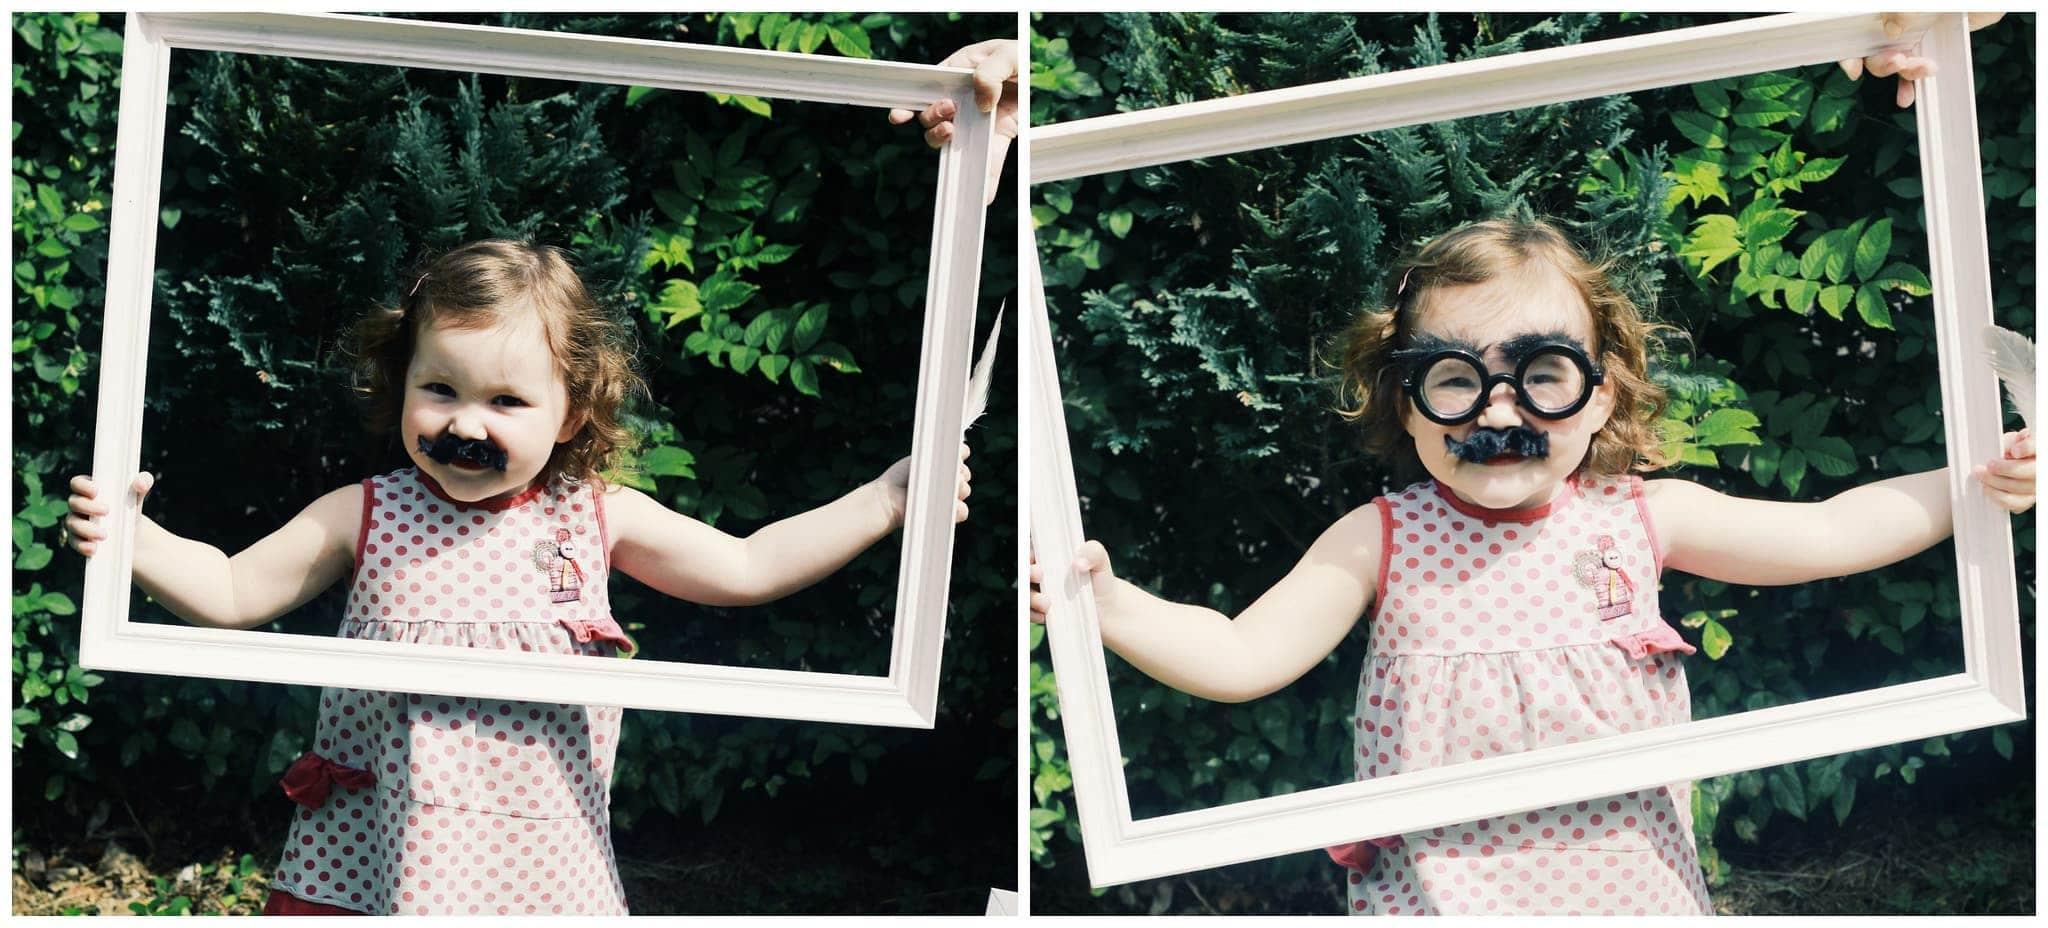 21 Ideas Creativas Que Puedes Hacer Con Tus Fotos de Vacaciones